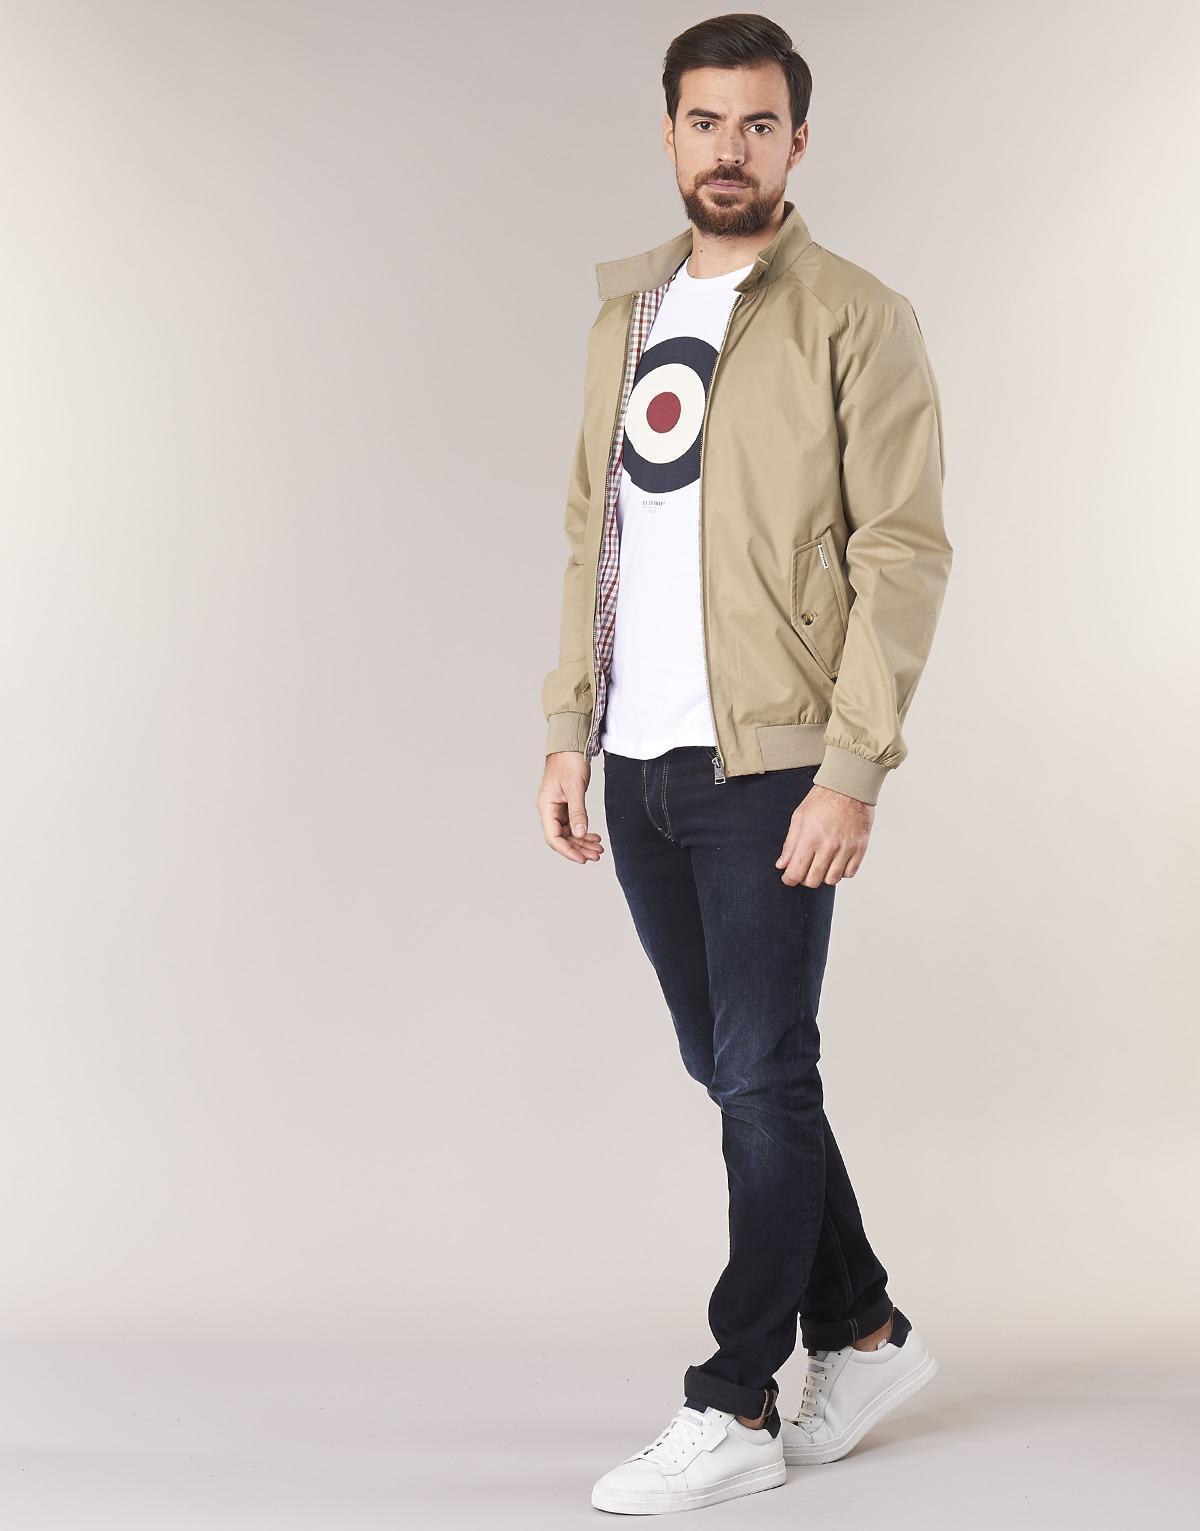 Ben Sherman Harrington Jacket in Beige (Natural) for Men - Save 17%